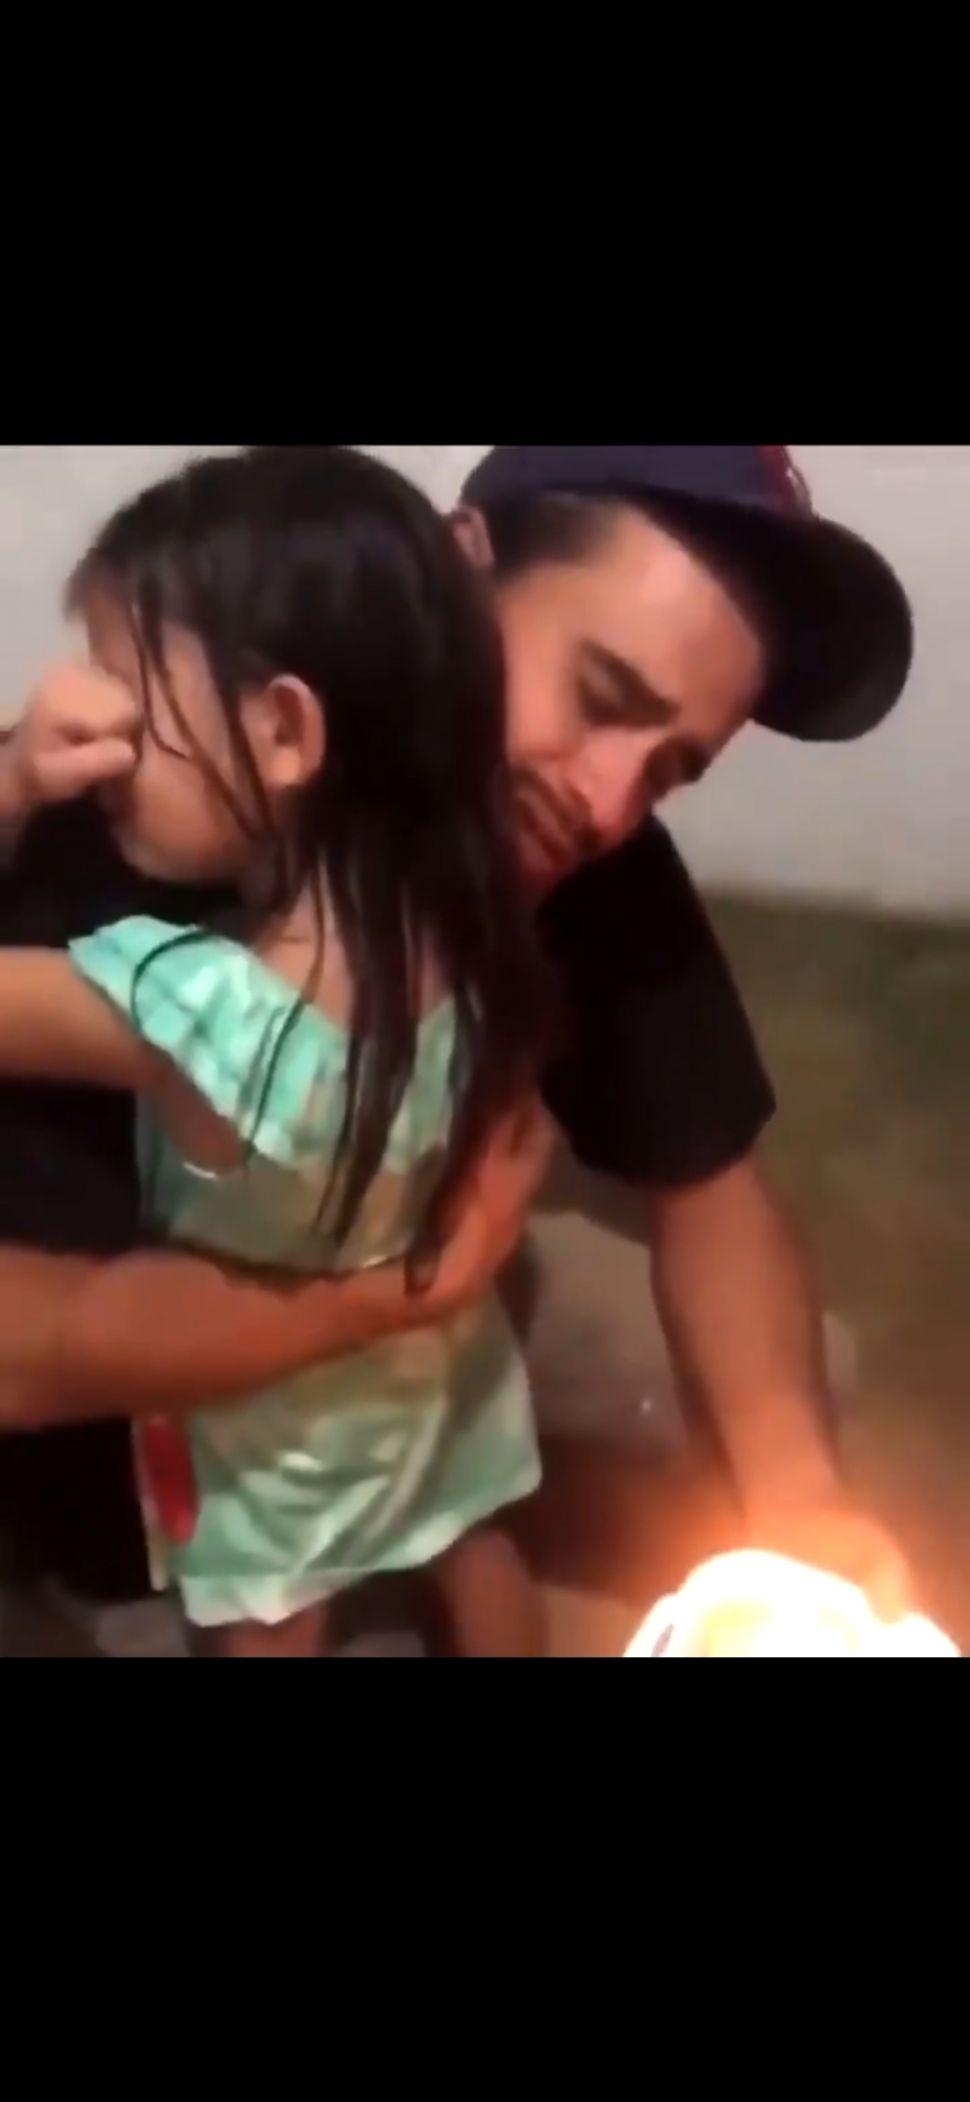 Ayahnya Cuma Bisa Belikan Sepotong Kue Ultah, Bocah Ini Menangis Haru. (Dok: Twitter/ @RexChapman)